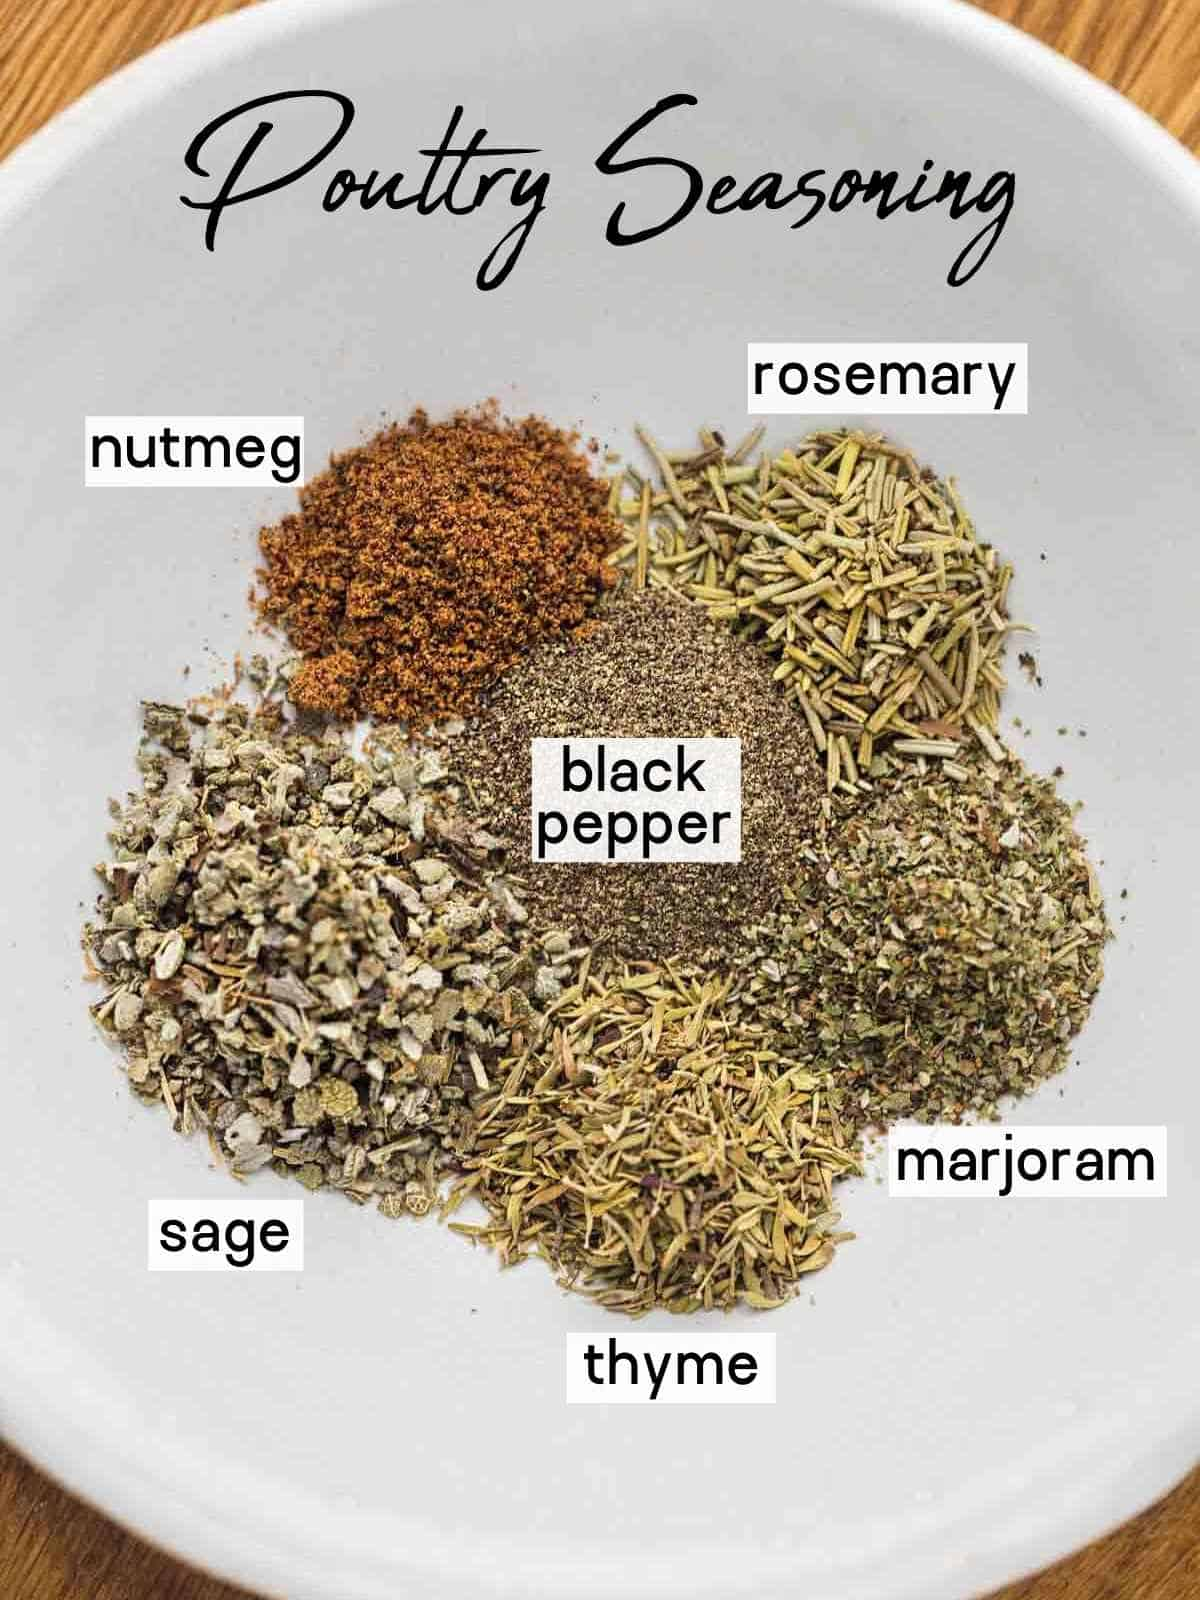 Poultry Seasoning ingredients